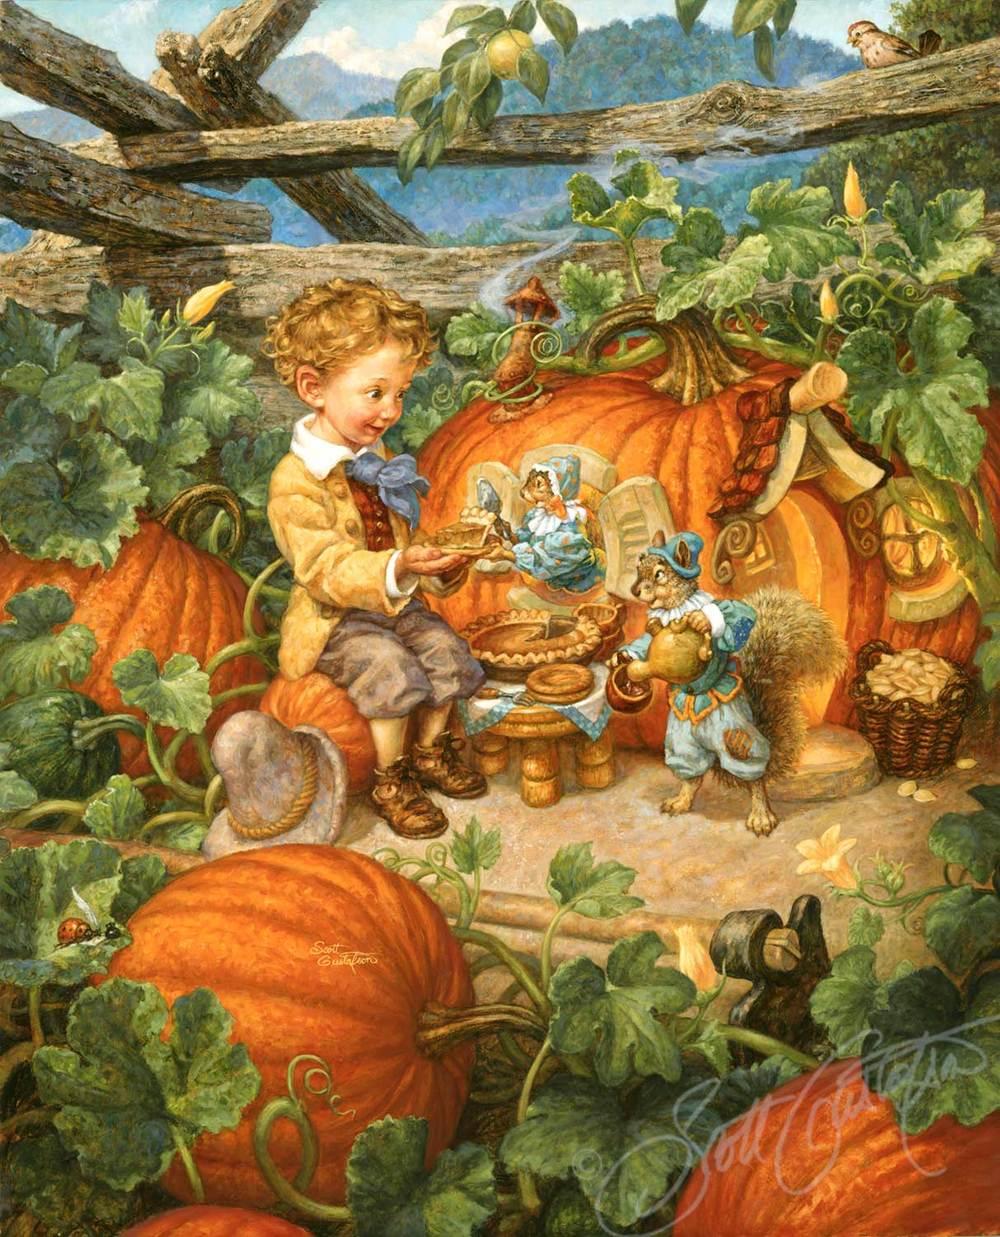 Peter Peter Pumpkin Eater — The Art of Scott Gustafson